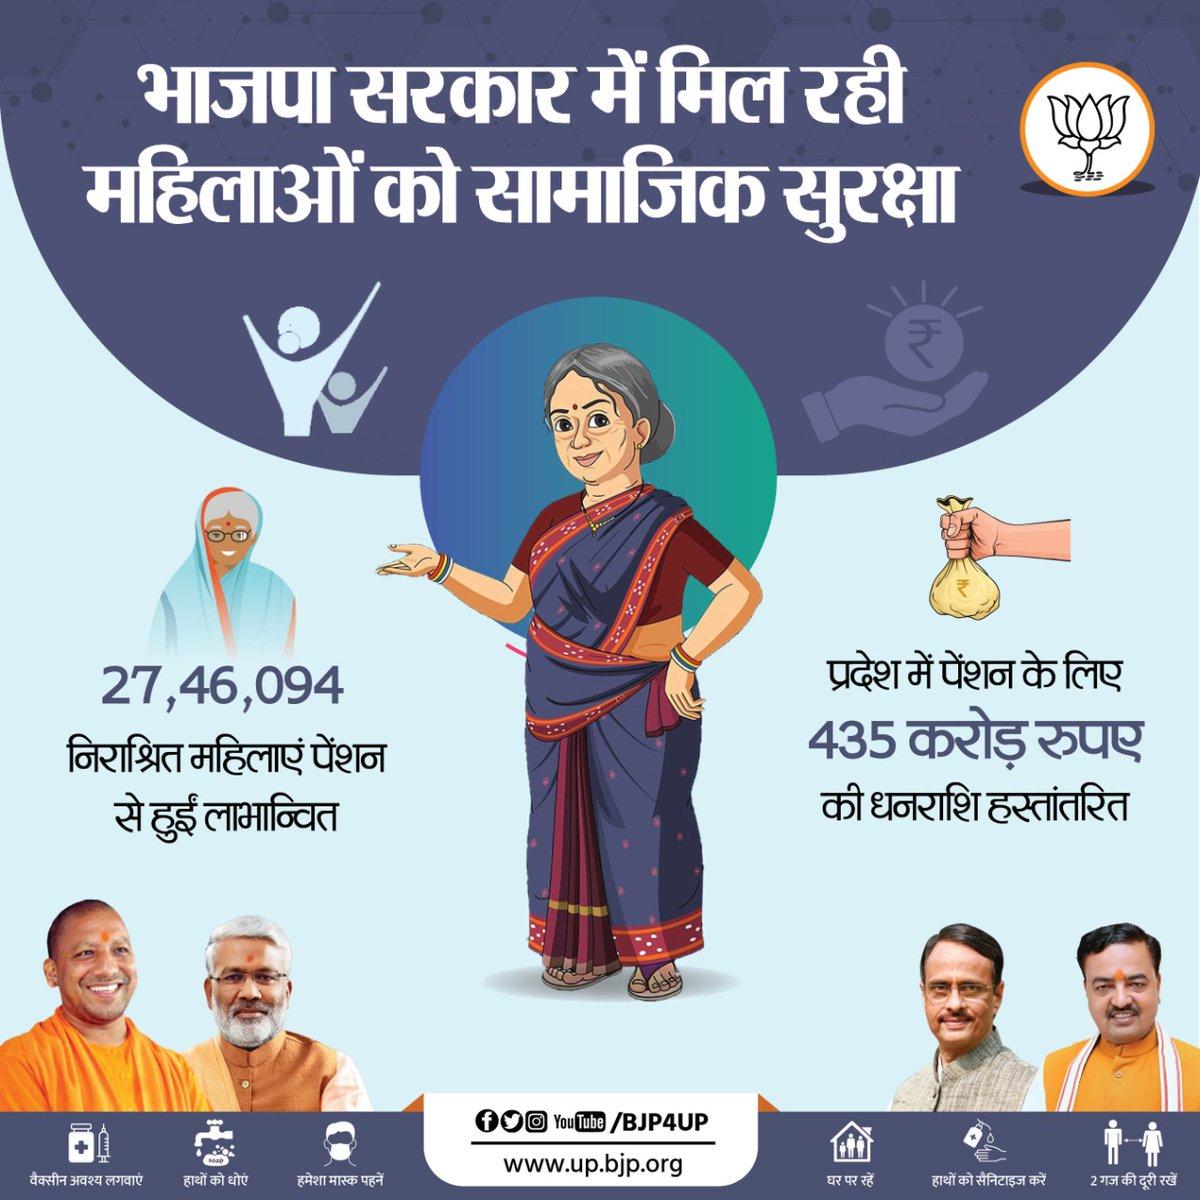 महिलाओं की सामाजिक सुरक्षा की जिम्मेदारी निभा रही भाजपा सरकार   27,46,094 निराश्रित महिलाएं पेंशन से हुईं लाभान्वित https://t.co/gx7CQwVTWc